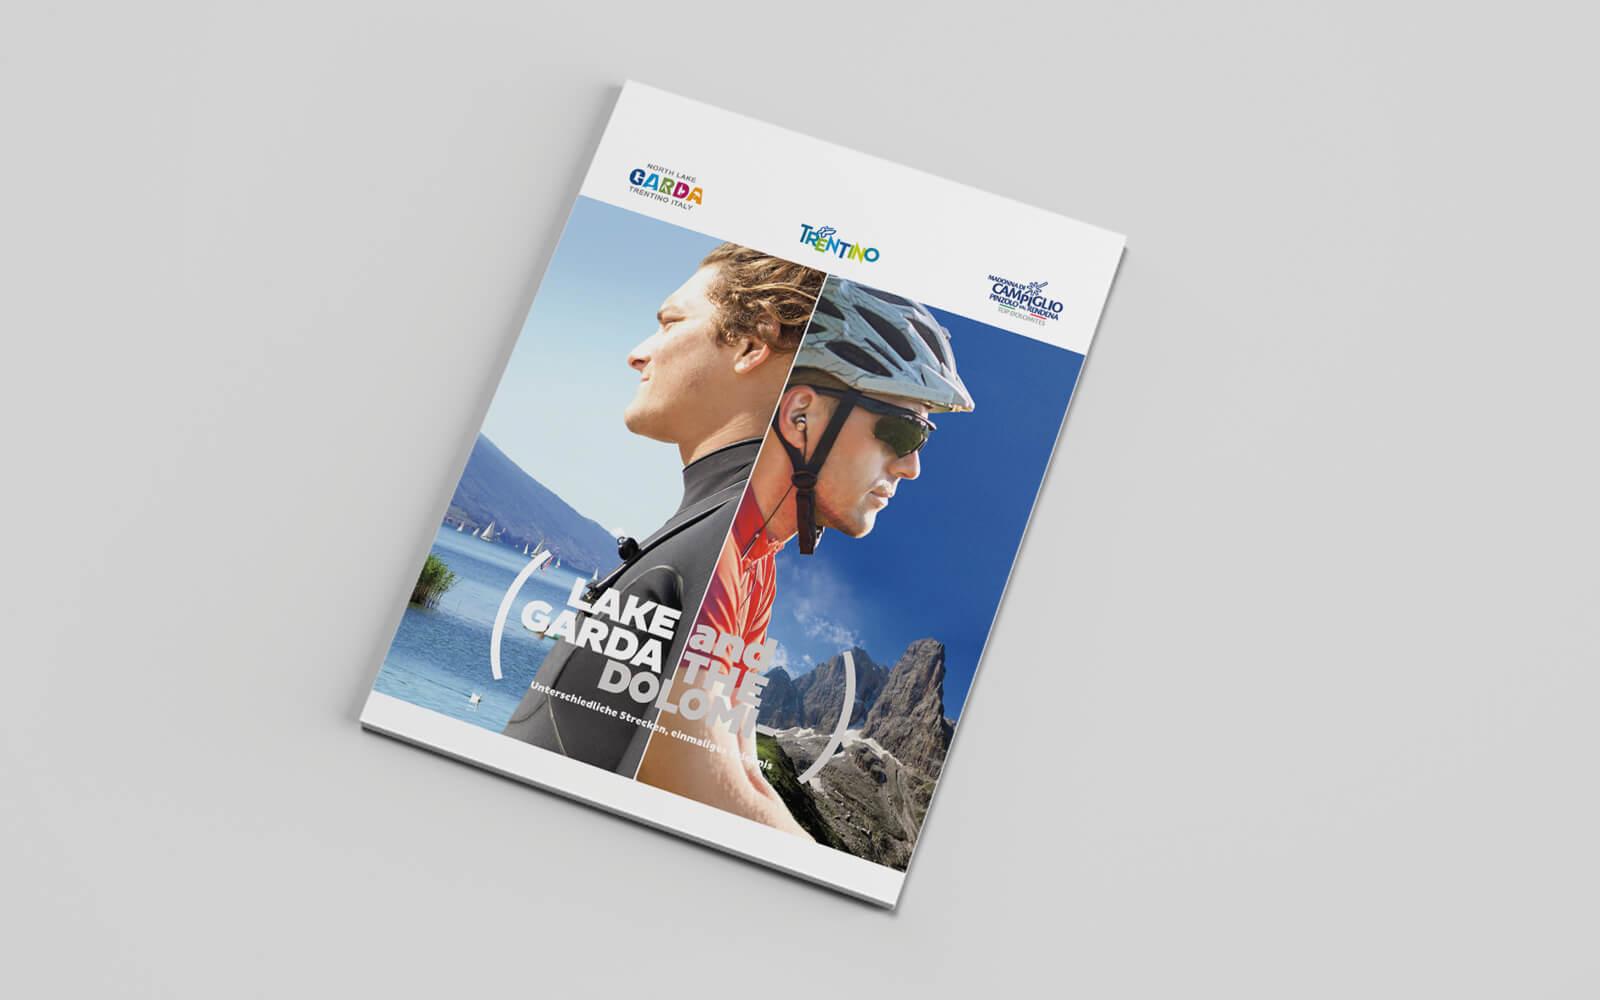 copertina catalogo turistico madonna di campiglio - Garda Trentino, progettata da diadestudio agenzia di pubblicità arco trento